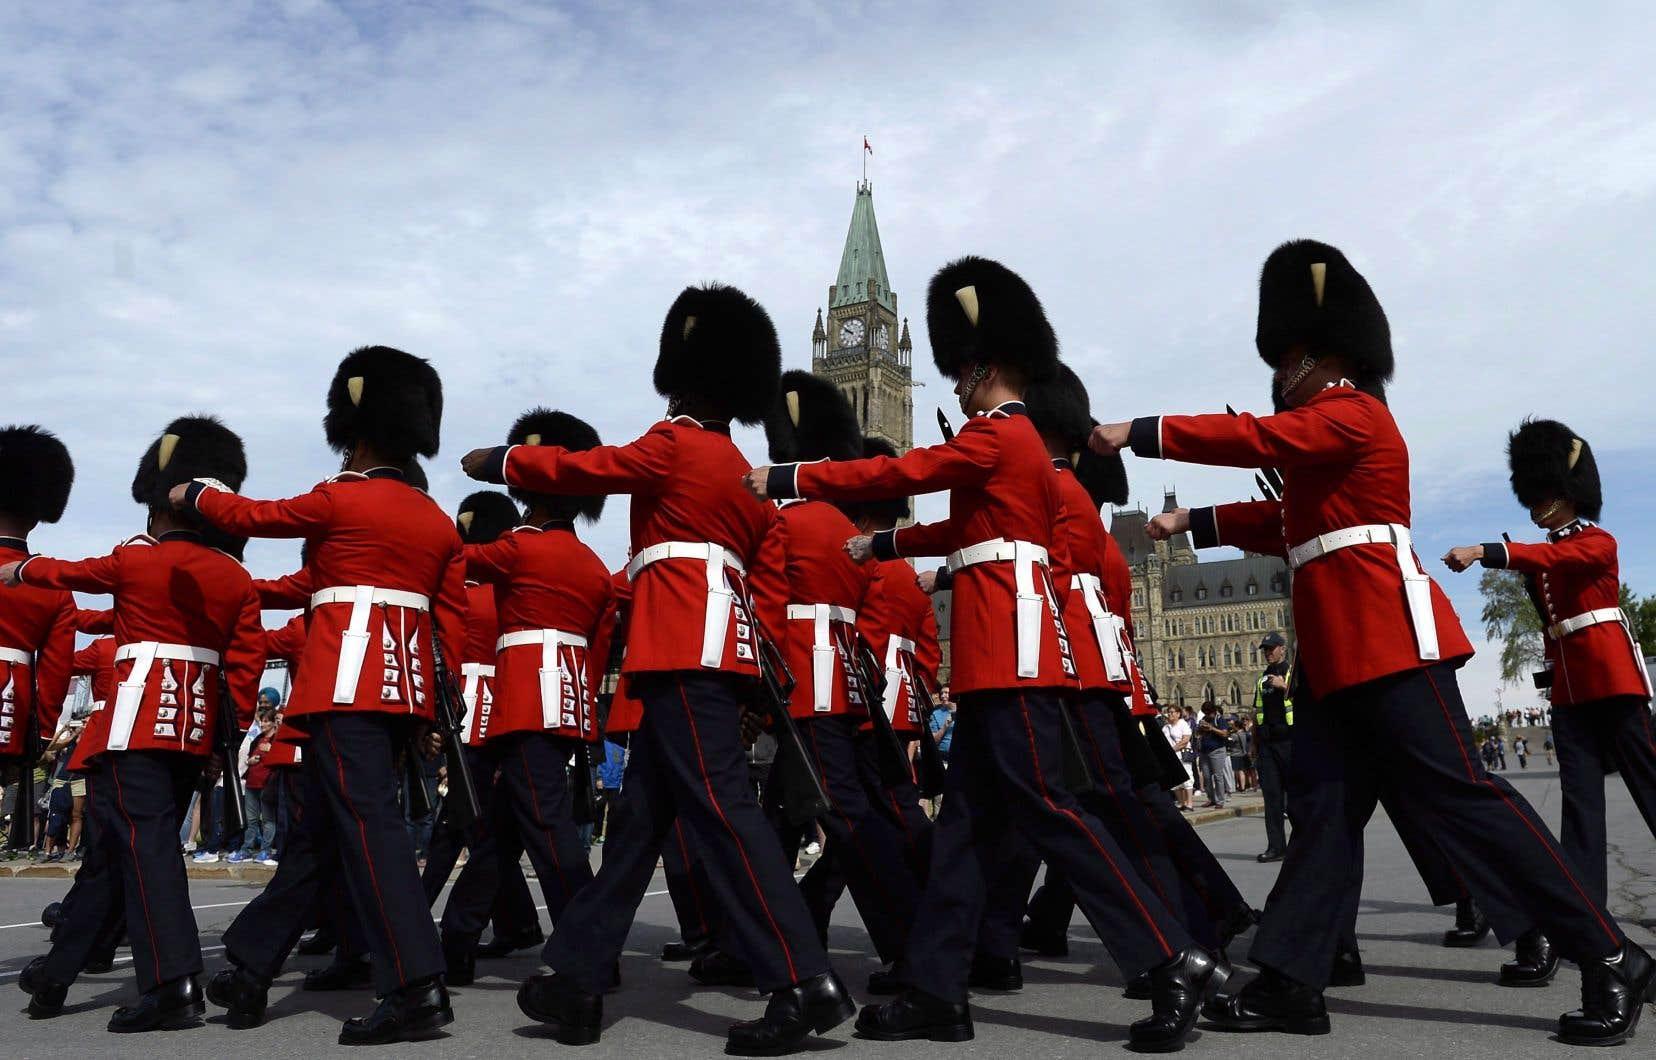 L'incident s'est produit vers 10h15 lors de la cérémonie de relève de la garde de cérémonie.